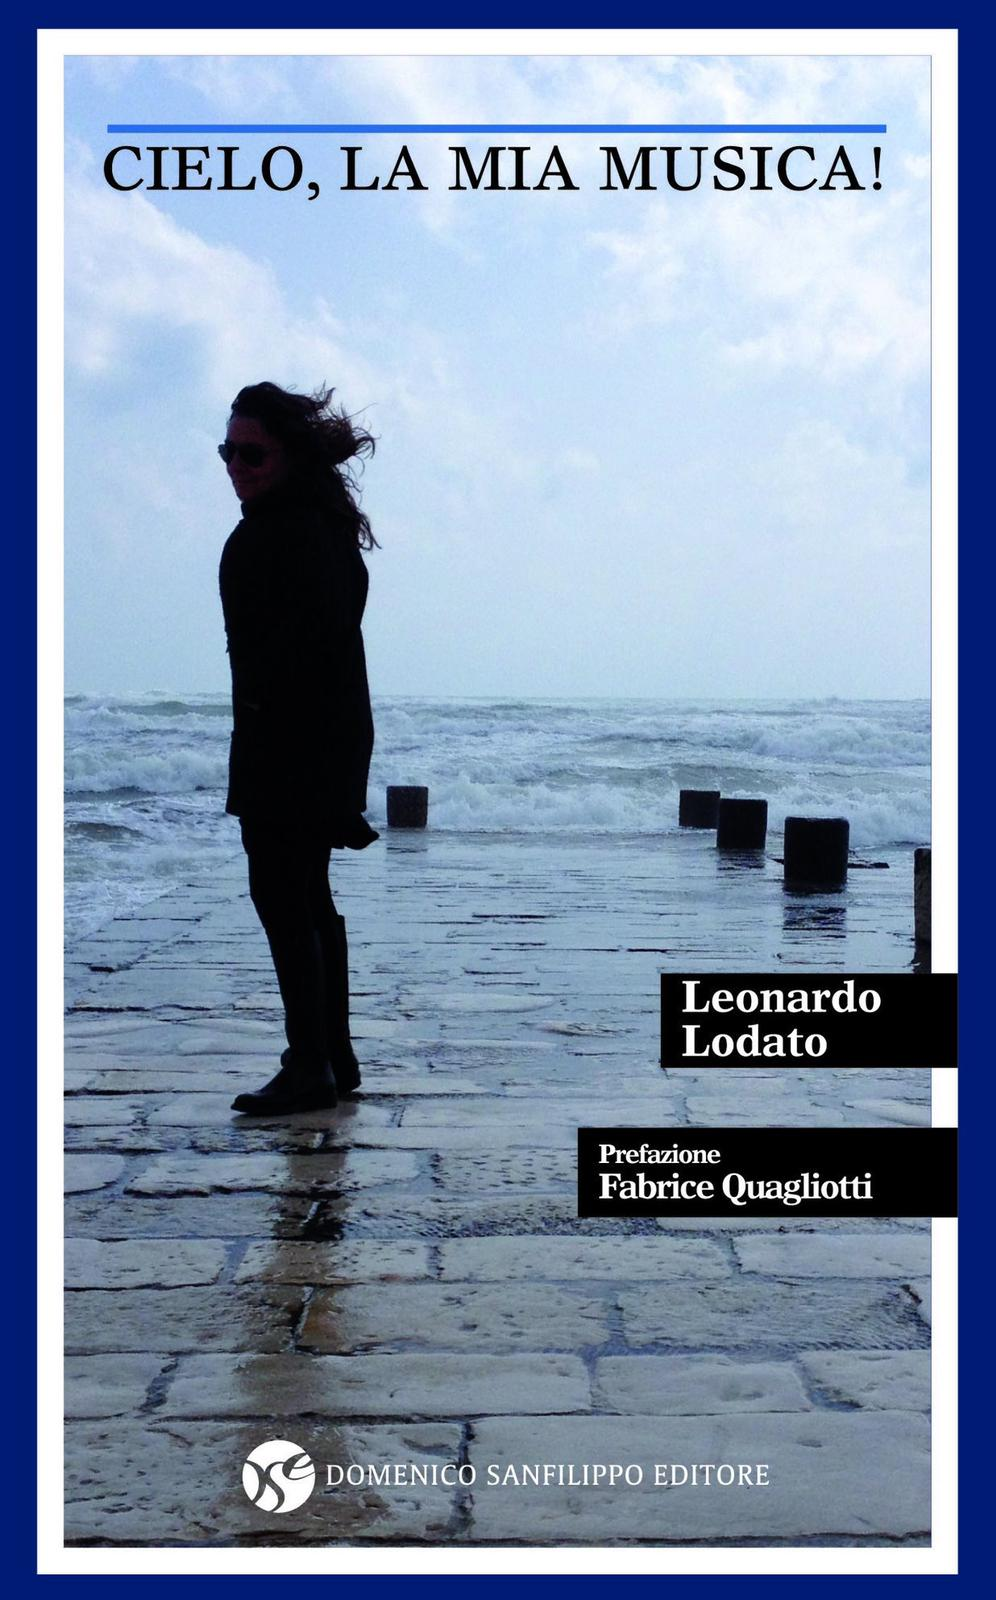 Cielo, la mia musica, Leonardo Lodato